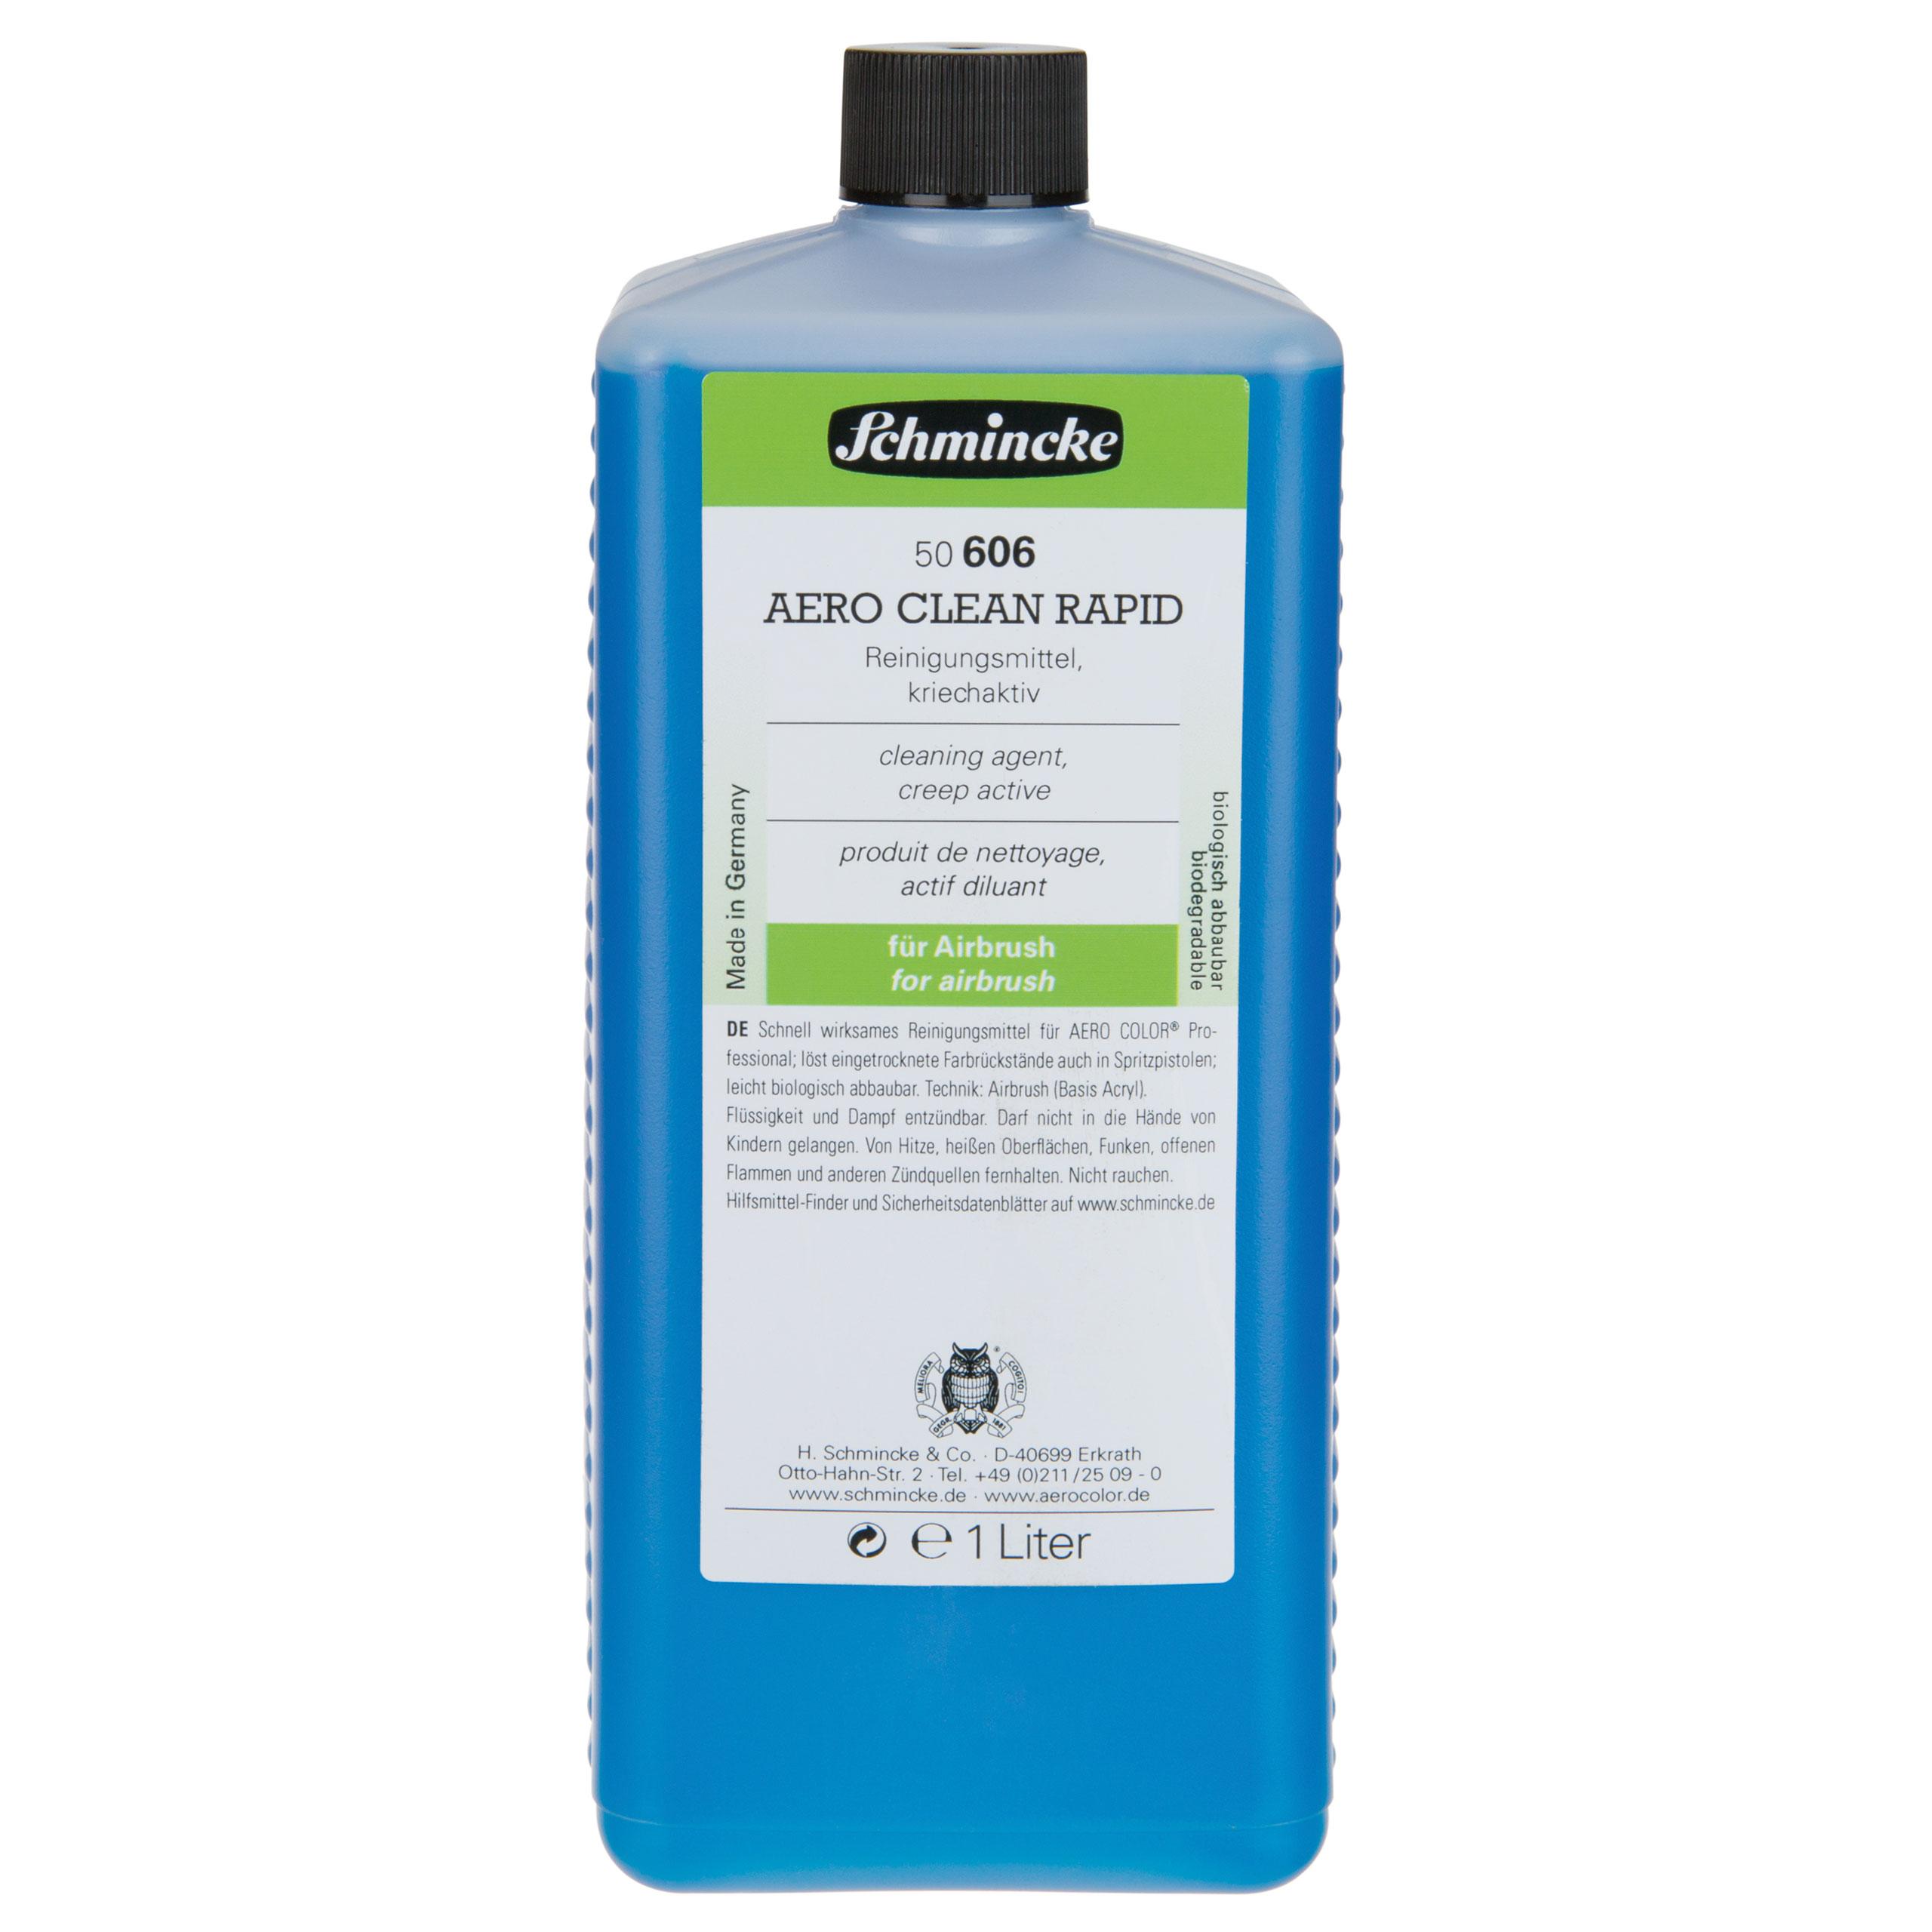 Aero Clean Rapid - 1000ml Reinigungsmittel für AERO COLOR Schmincke 50 606 029